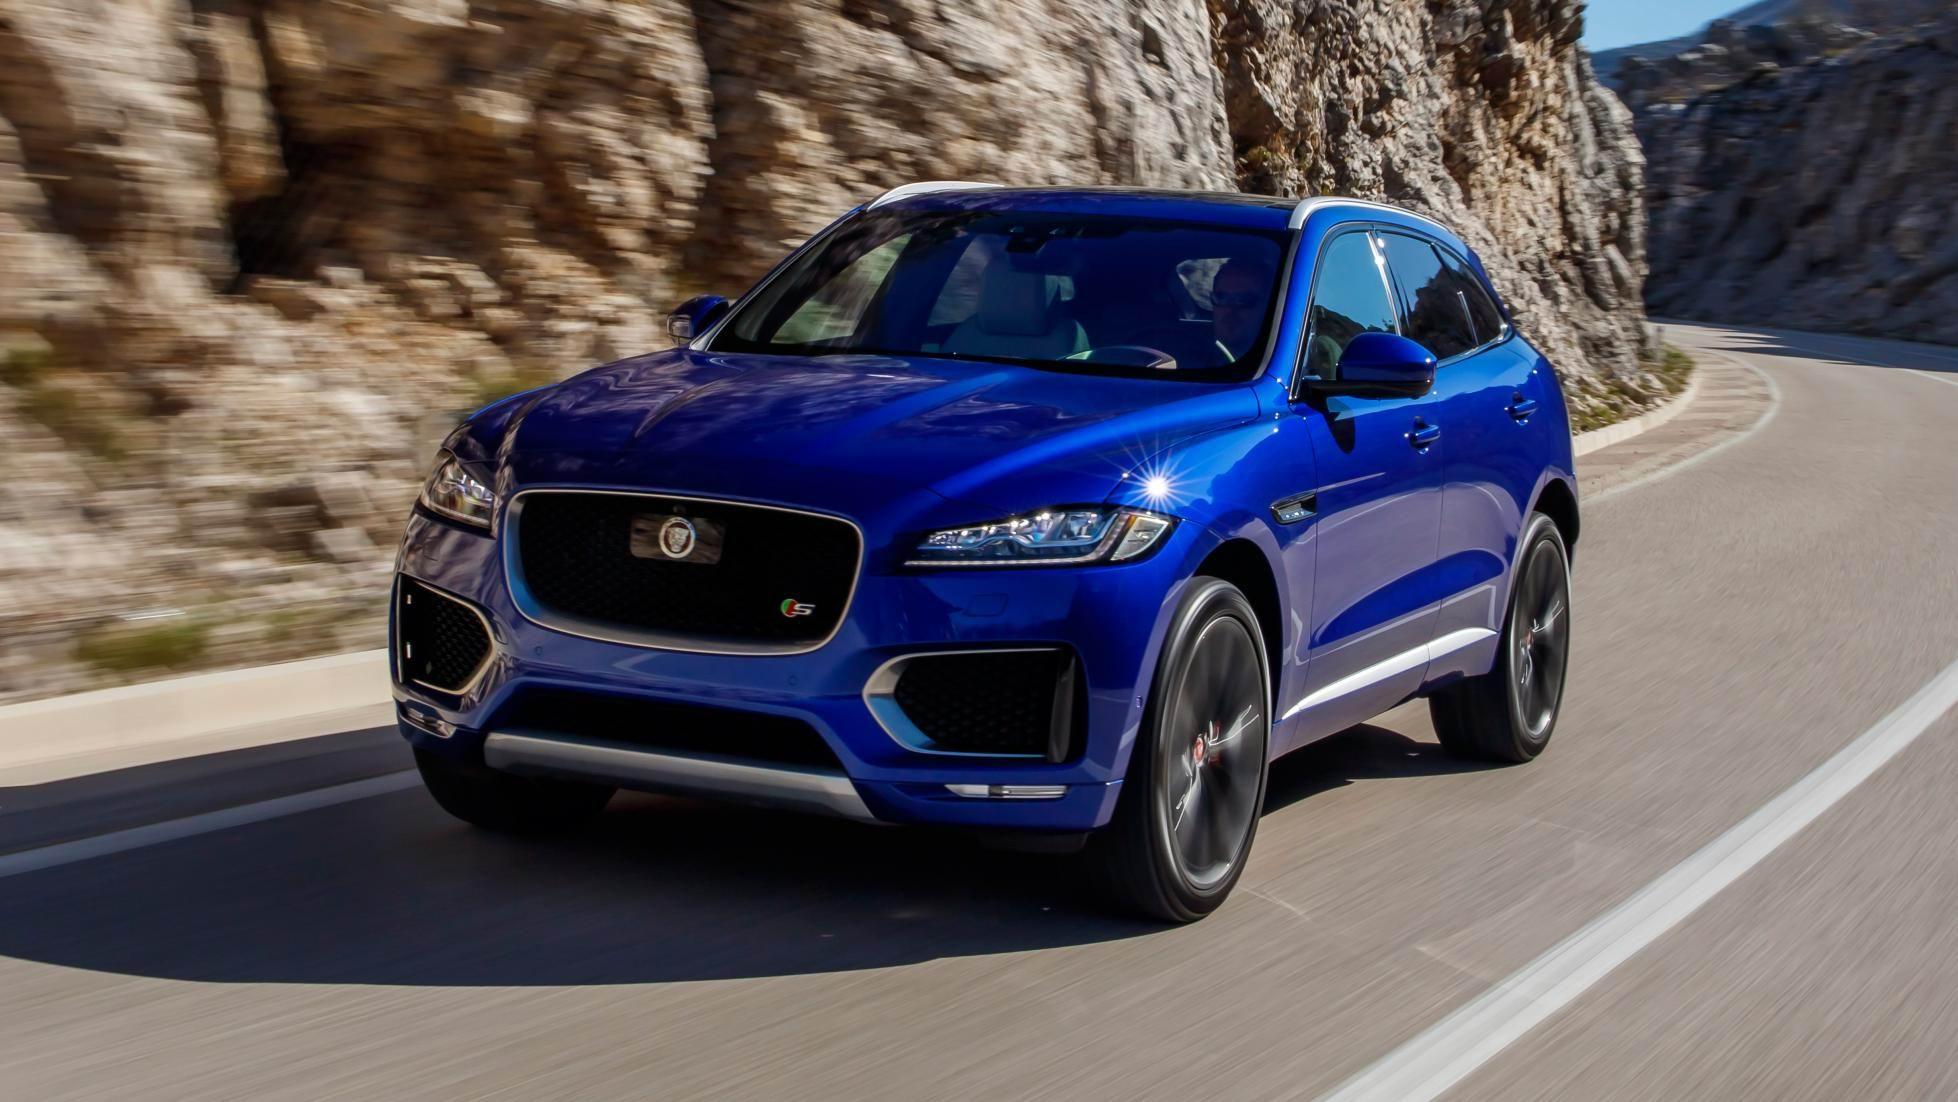 Now Jaguar goes SUV